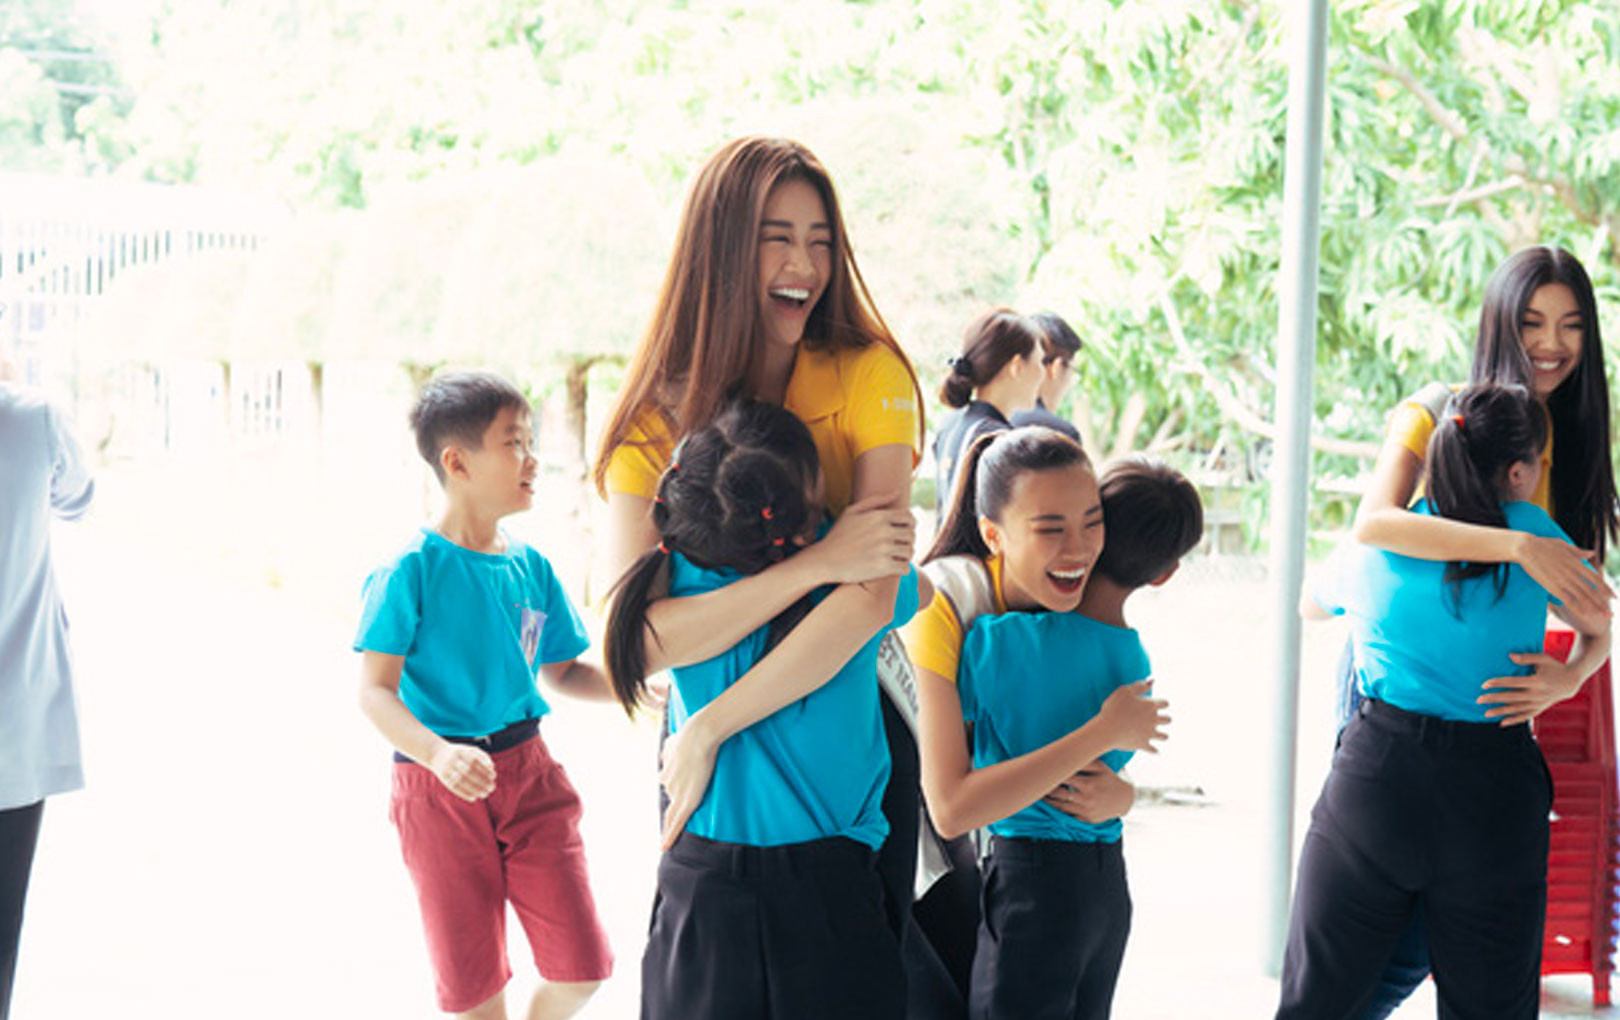 Hoa hậu Khánh Vân và 2 Á hậu giản dị mà đẹp khi tham gia hoạt động đầu tiên hậu đăng quang